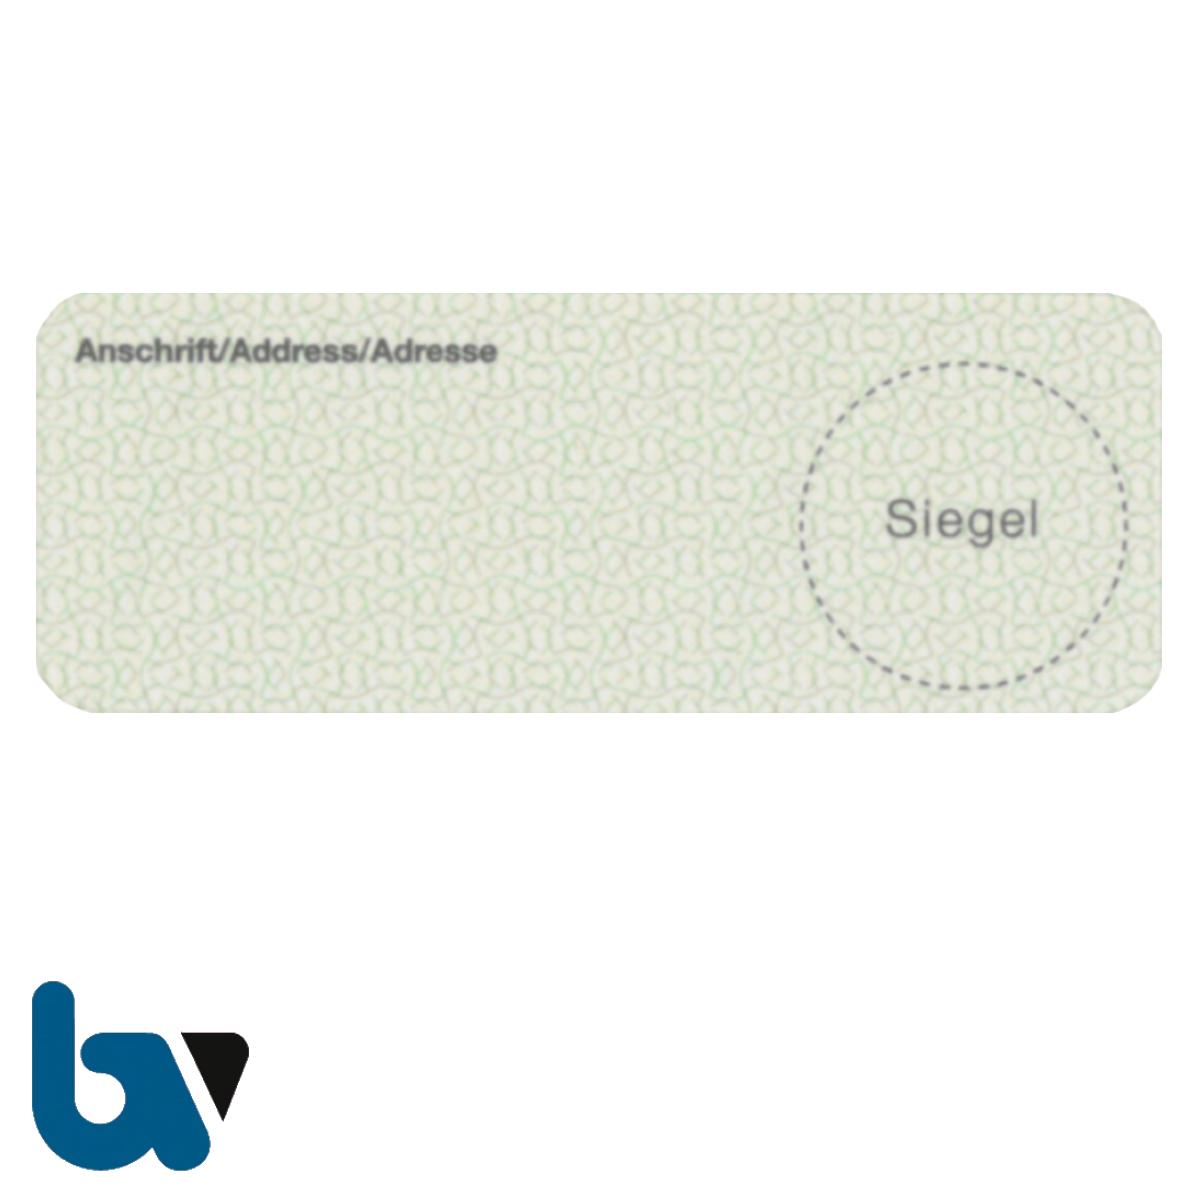 0/519-15.1 Adressaufkleber für Anschriftenänderungen | Borgard Verlag GmbH